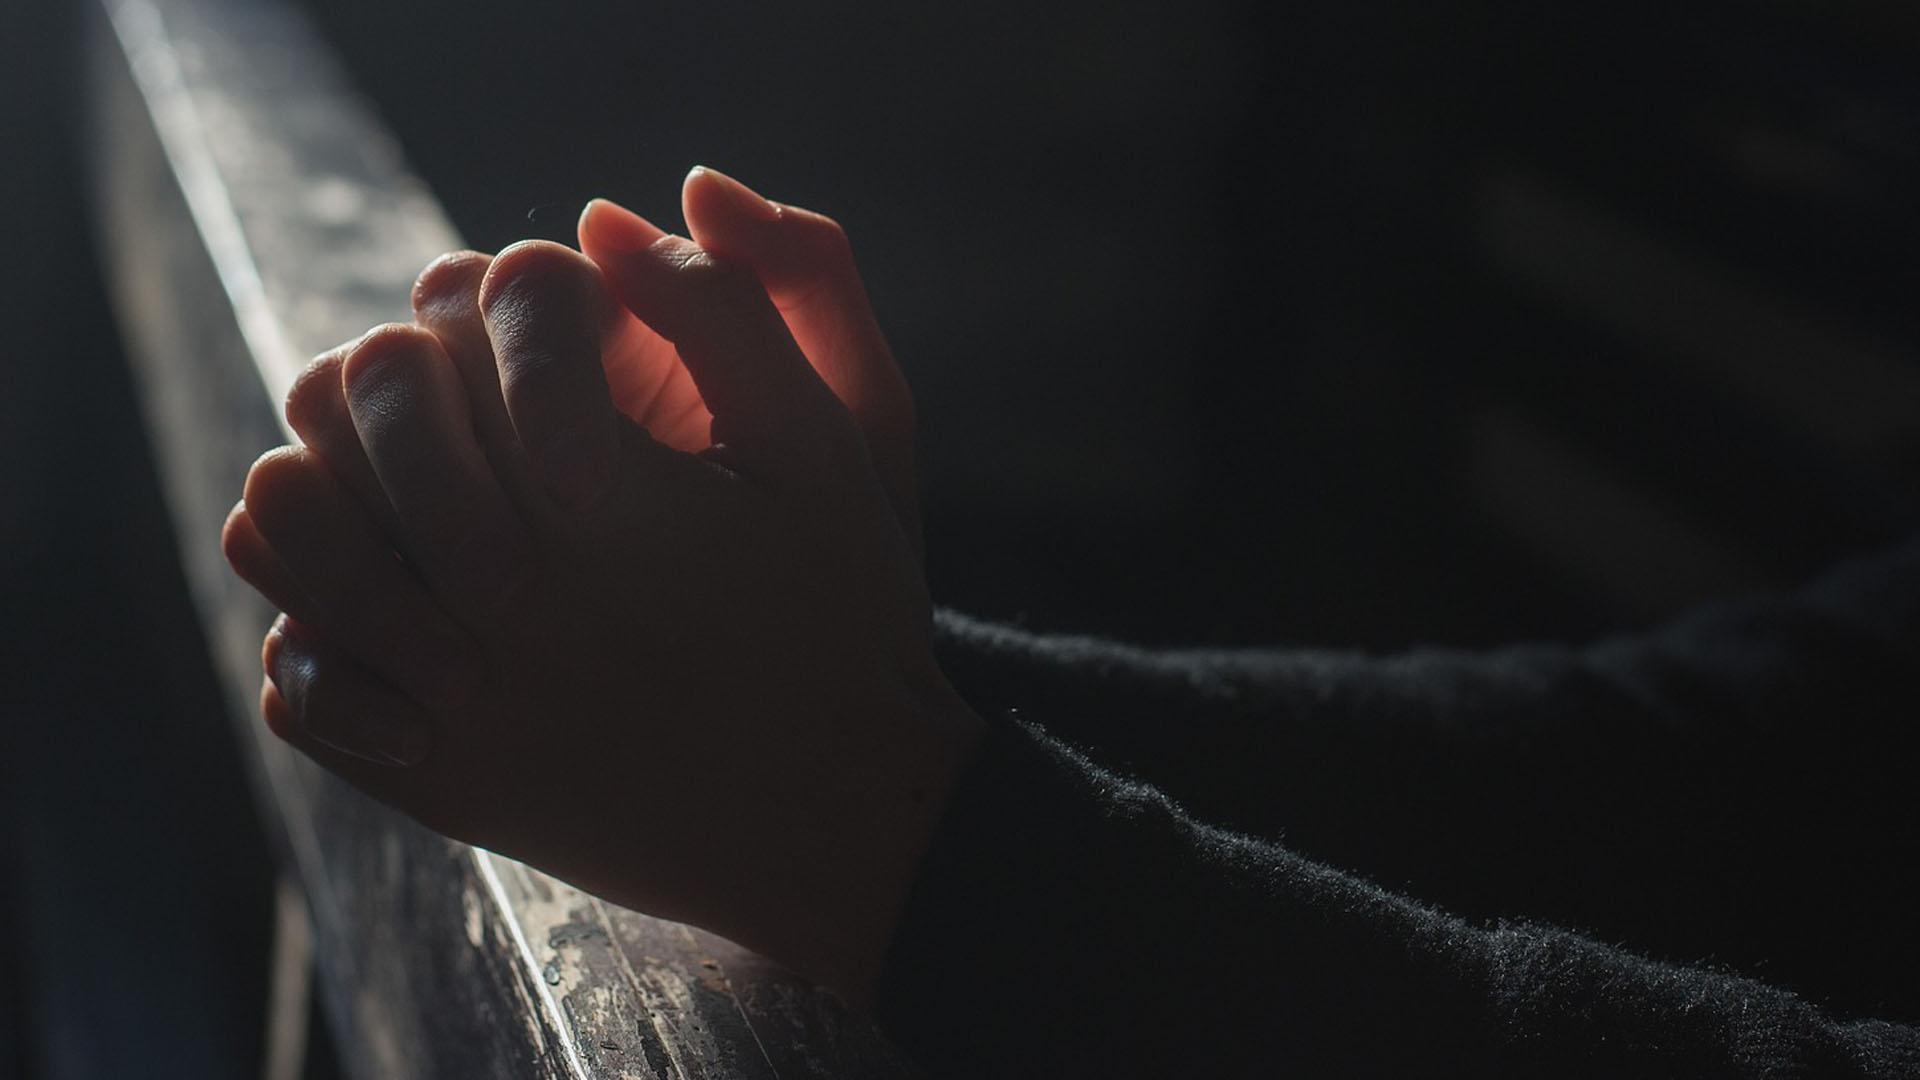 Christliche Kirchen und Gemeinden sollten den Glauben von Konvertiten beurteilen, macht die Deutsche Evangelische Allianz deutlich